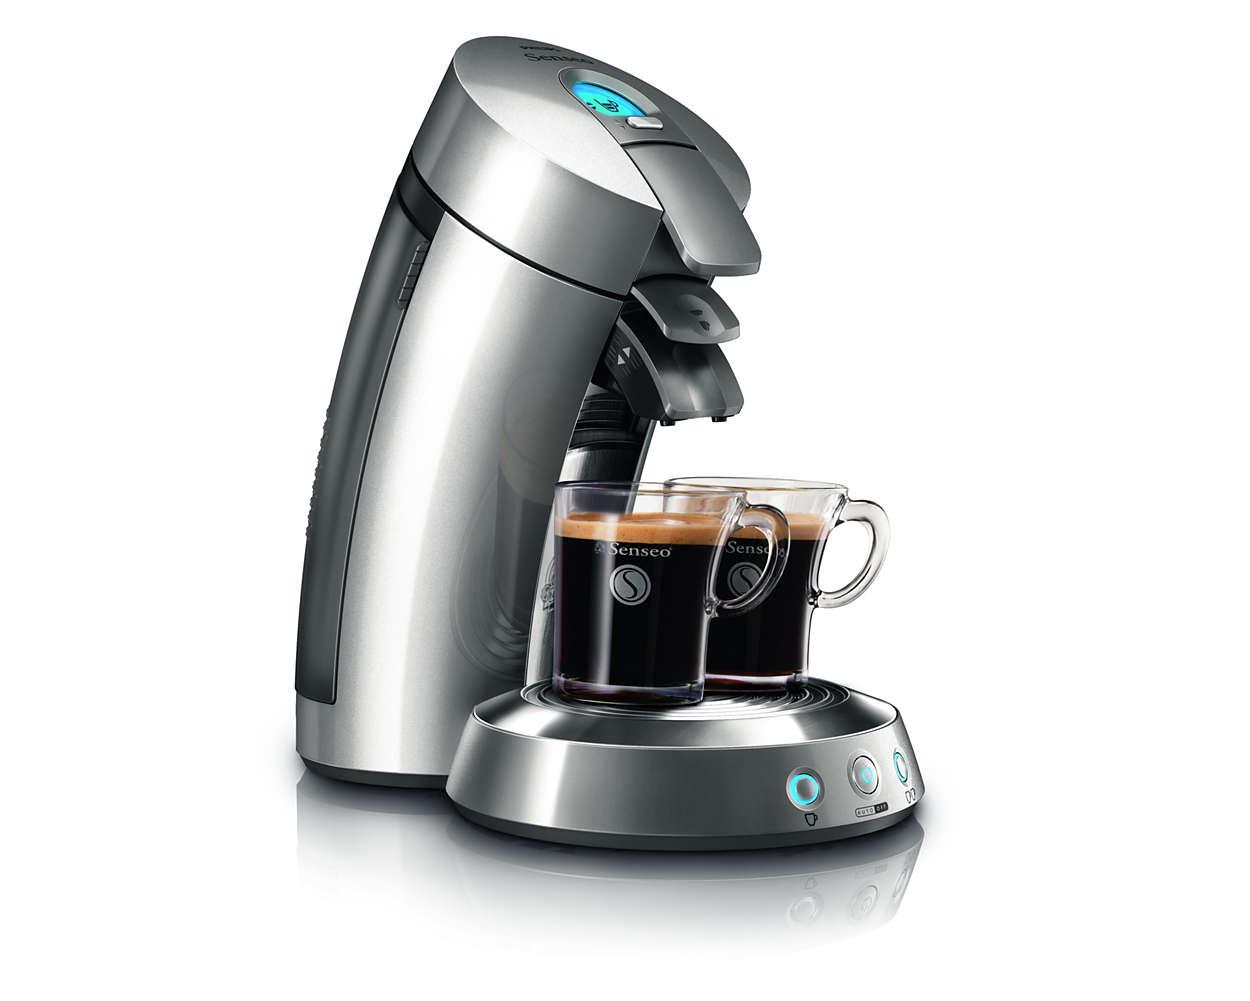 Ismerje meg a tökéletes kávé világát